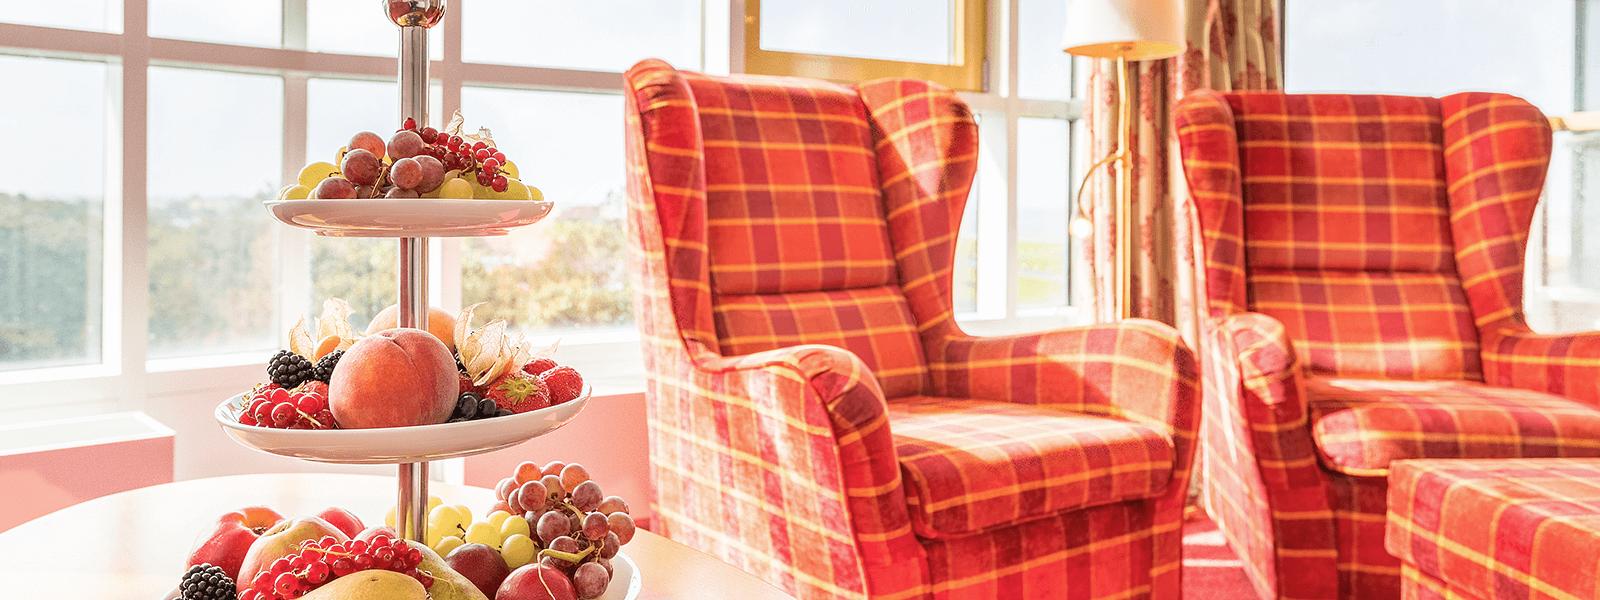 Blick auf den Wohnbereich mit bequemen Sesseln